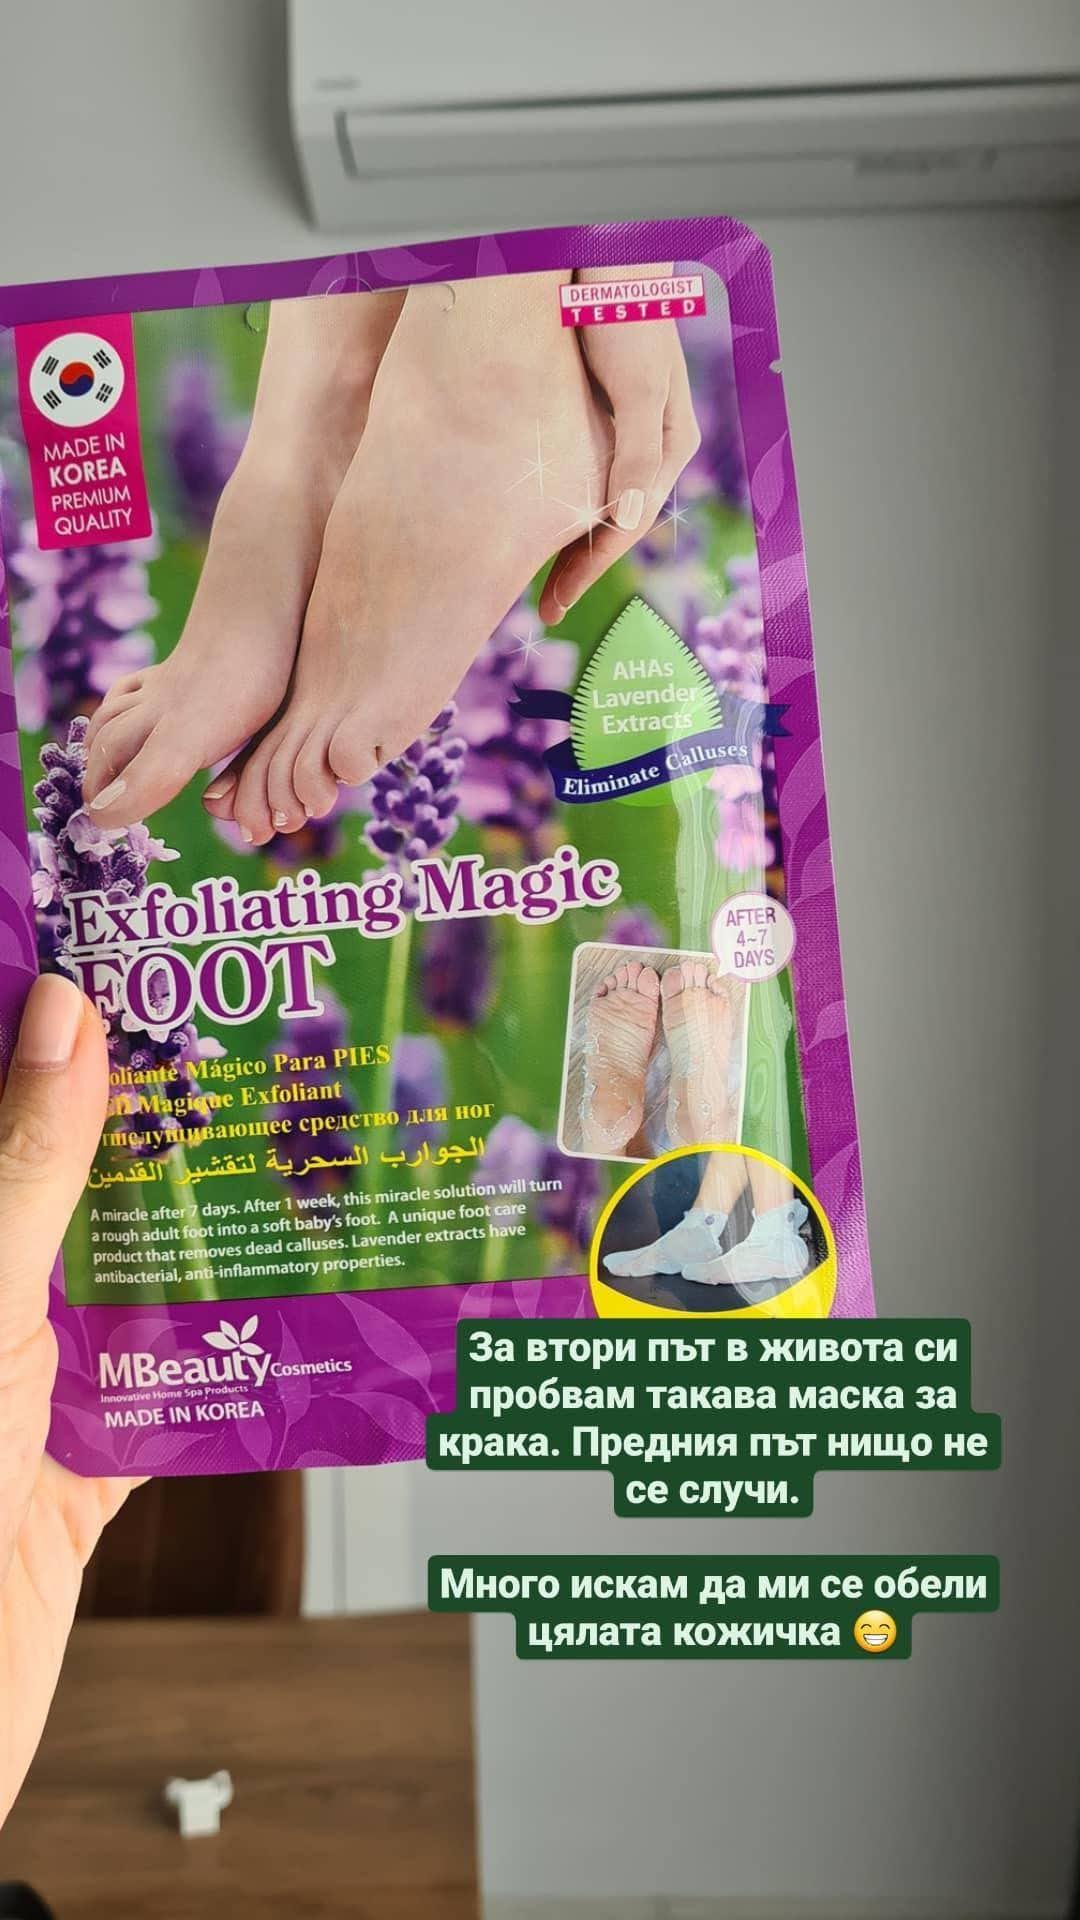 корейска ексфолираща маска за крака magic foot